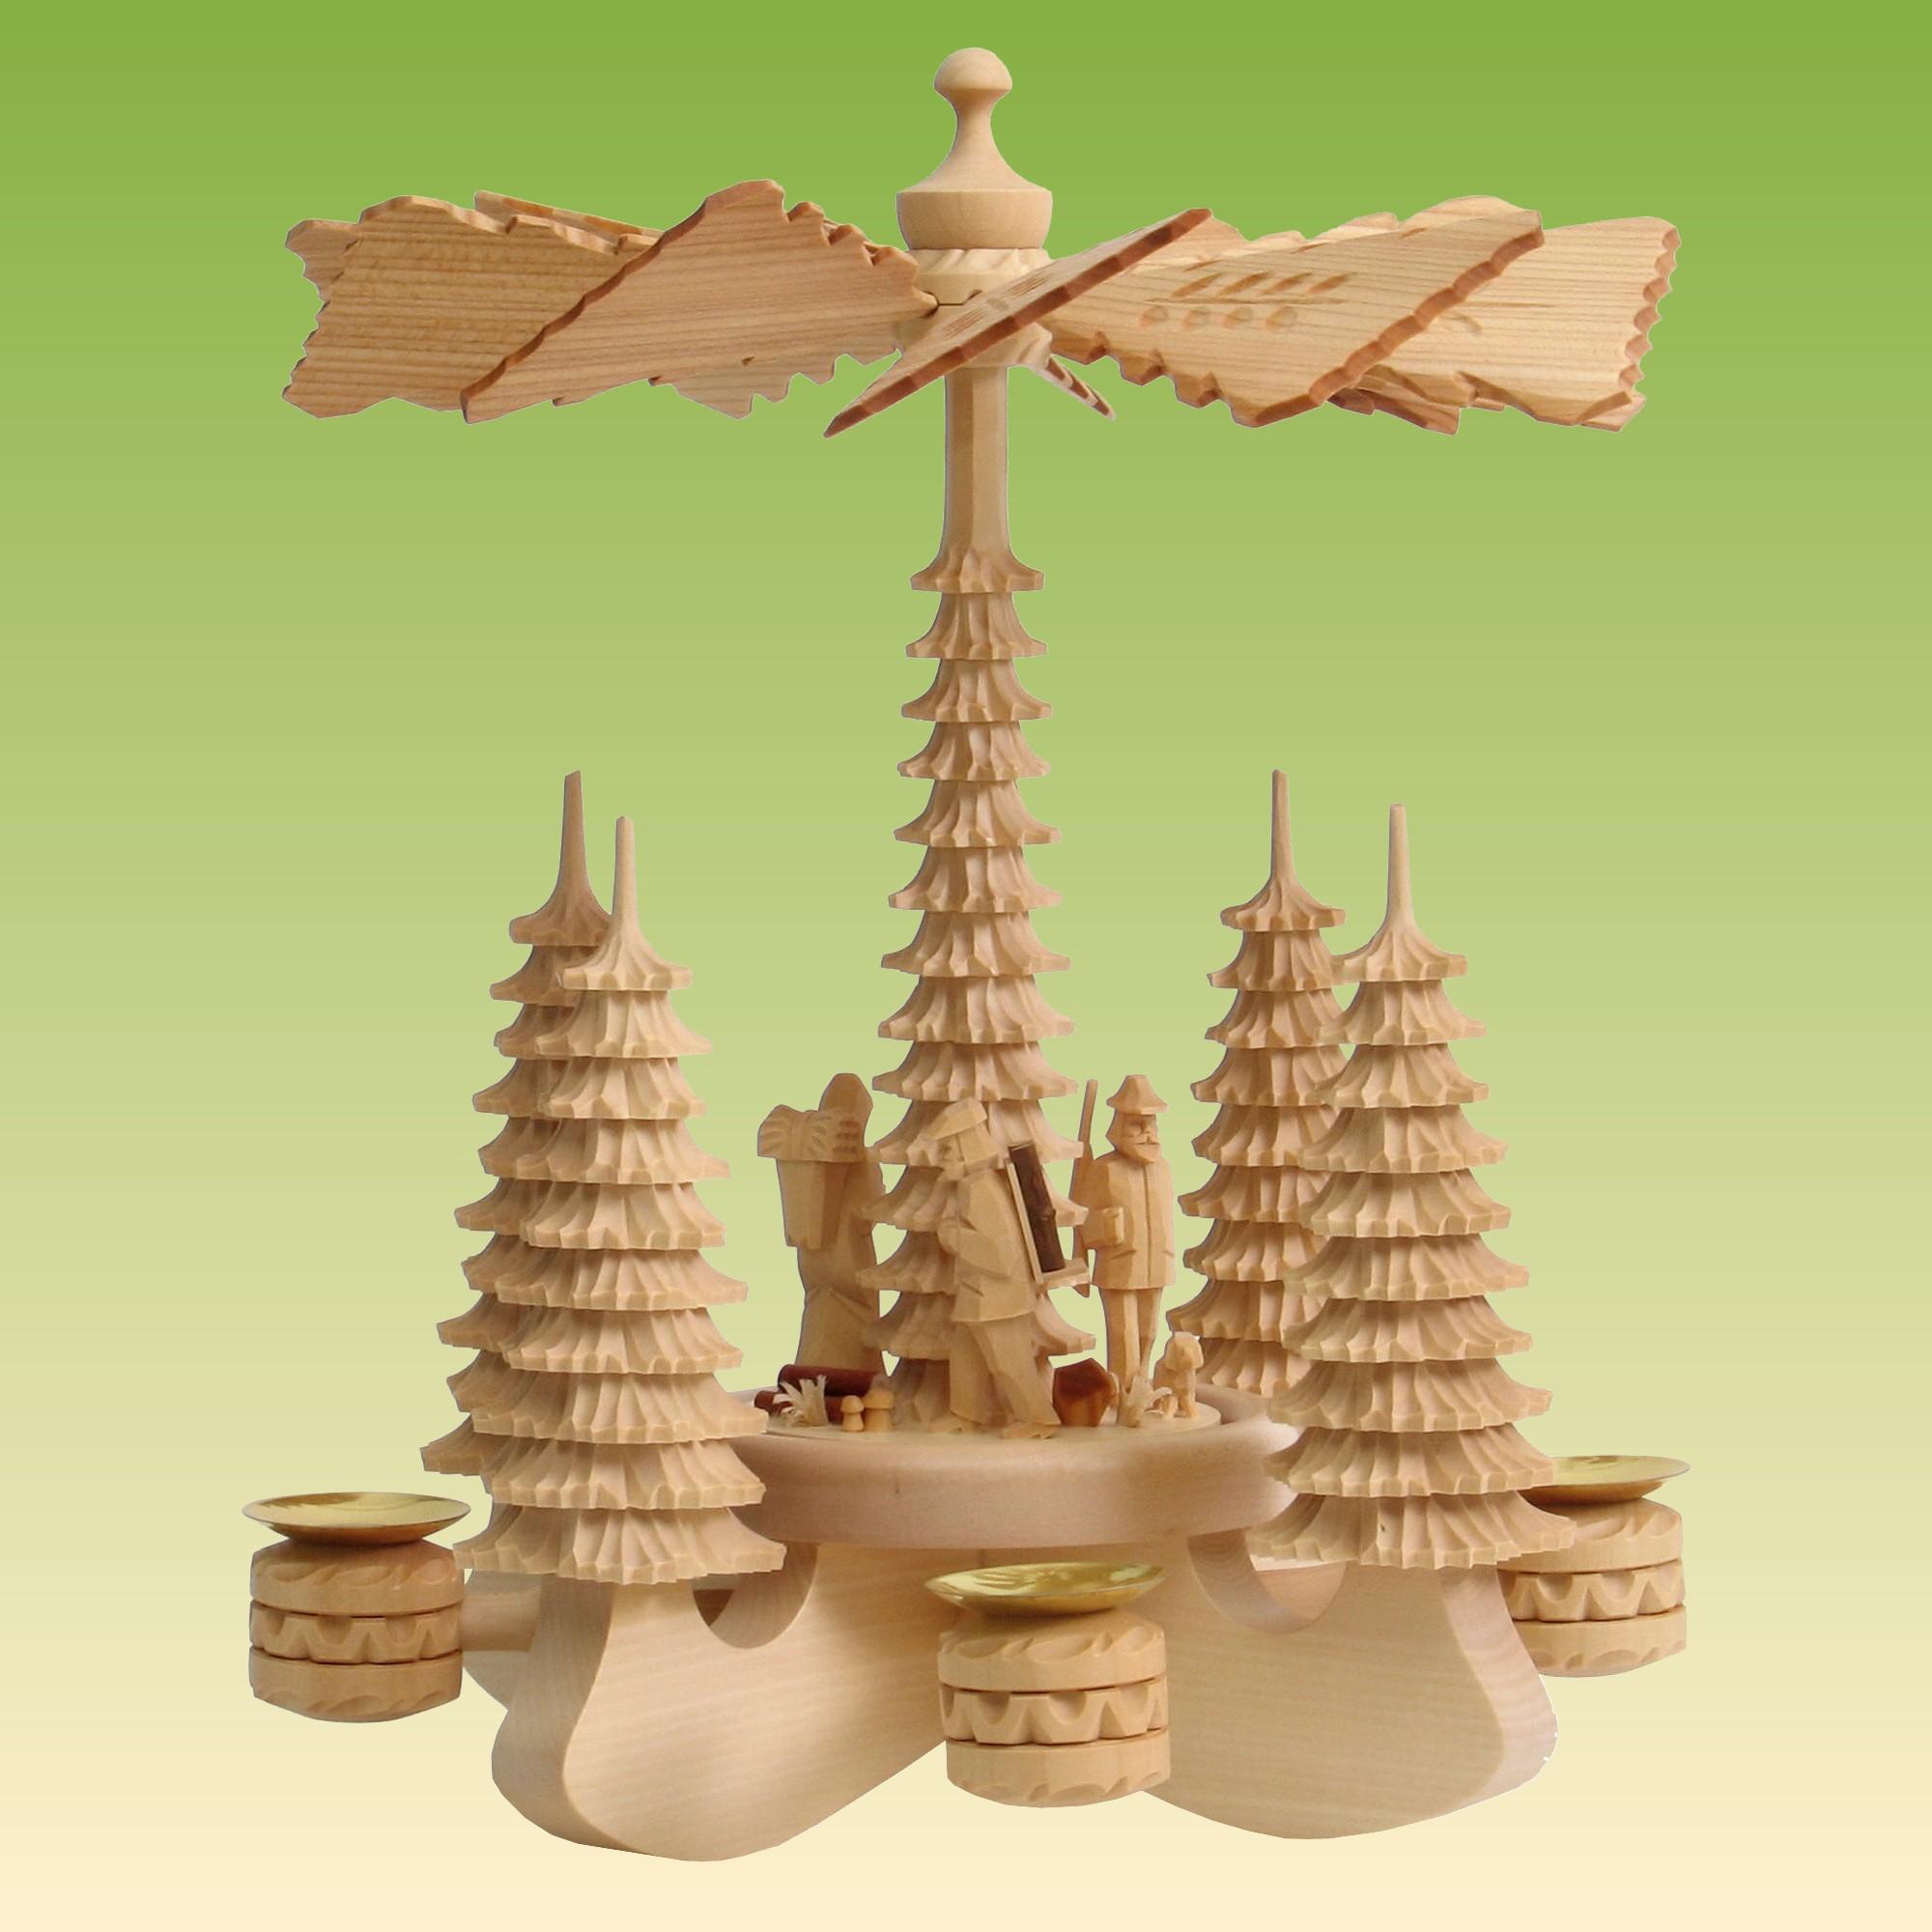 tischpyramide gro 3 waldfiguren pyramiden geschnitzt. Black Bedroom Furniture Sets. Home Design Ideas